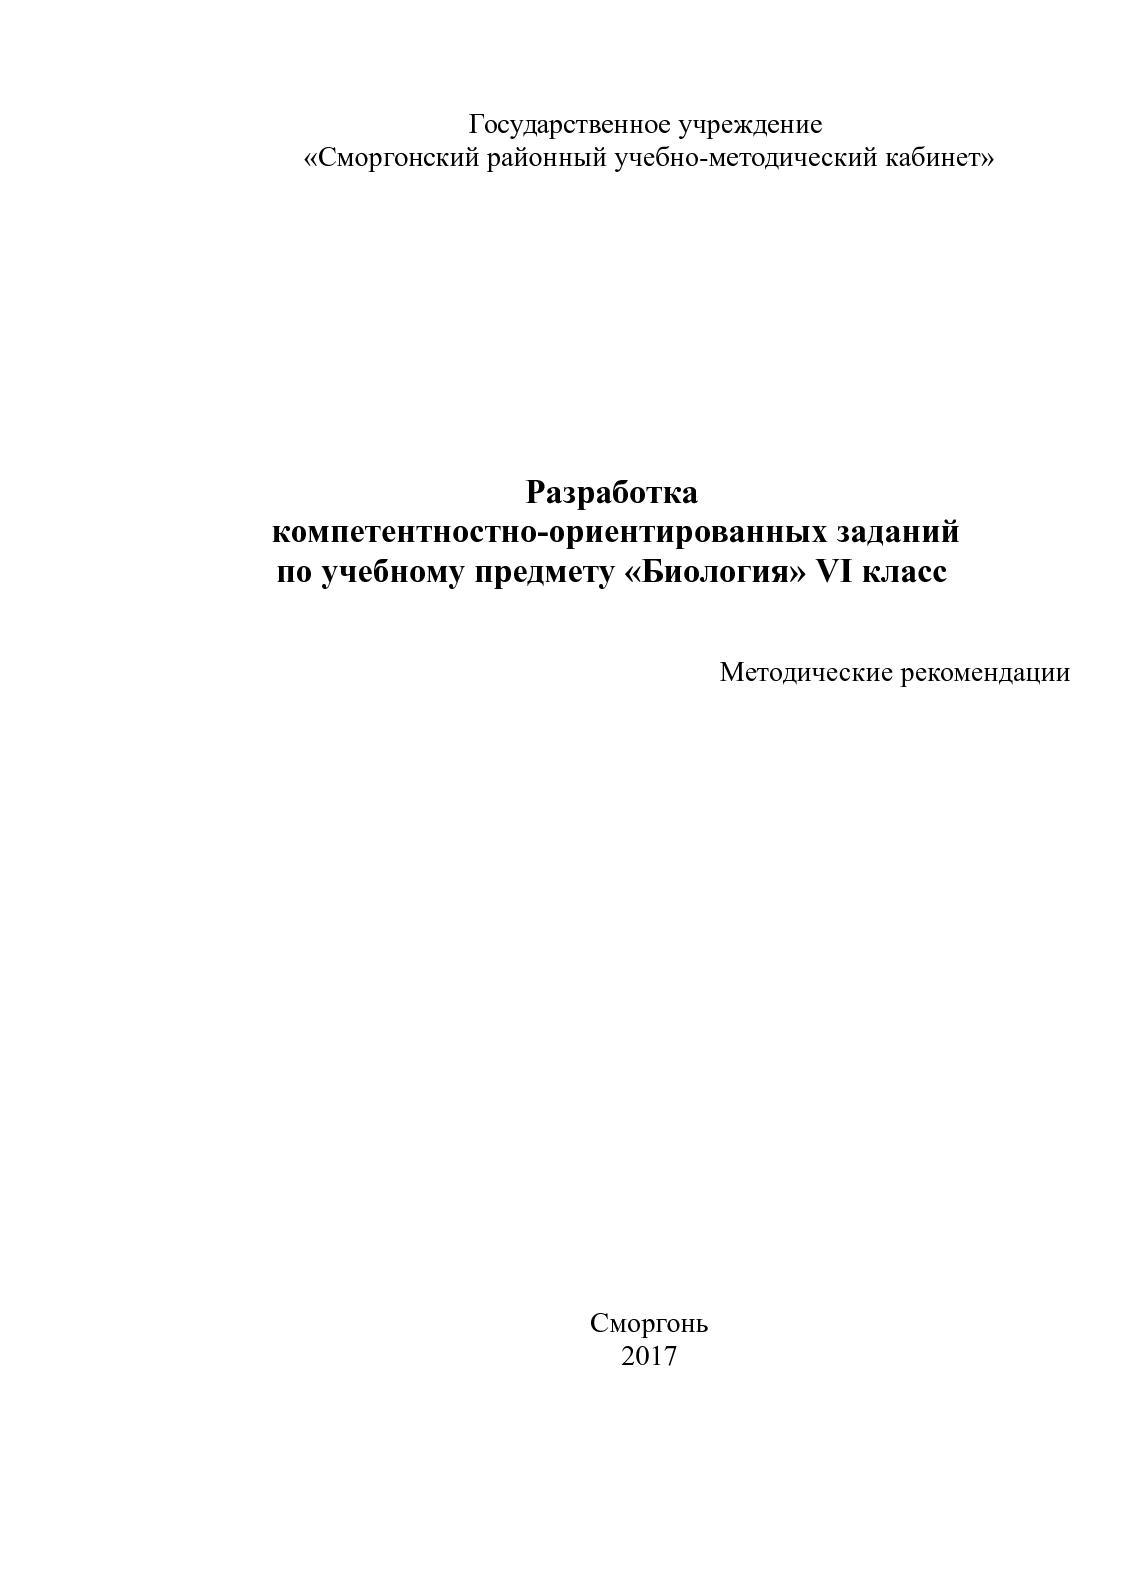 Сборник компетентностно ориентированных заданий по биологии